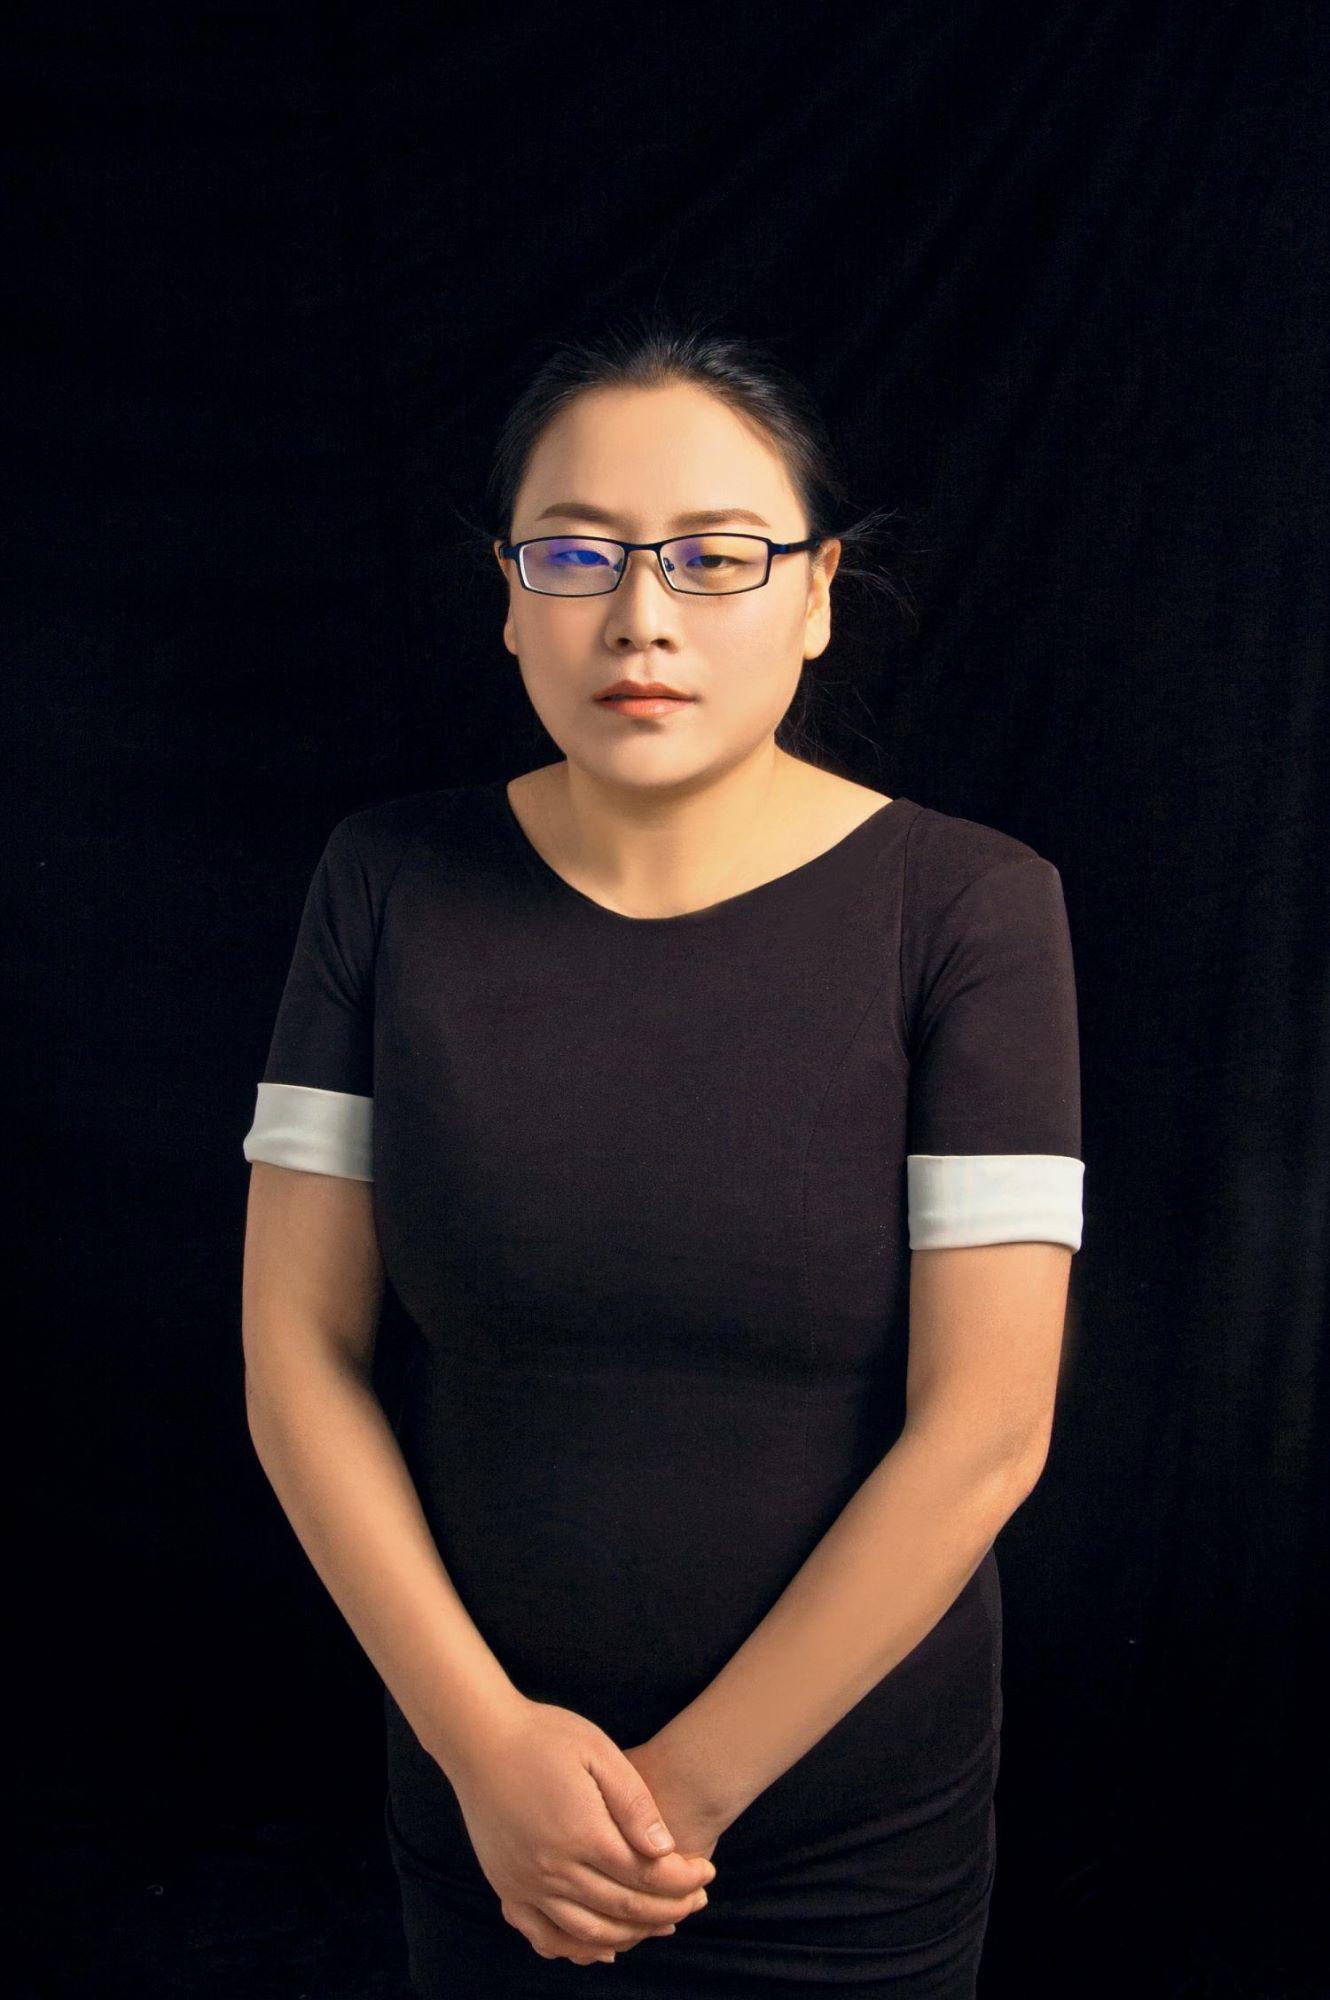 洛阳资深的洛阳移民中介公司 DIY留学